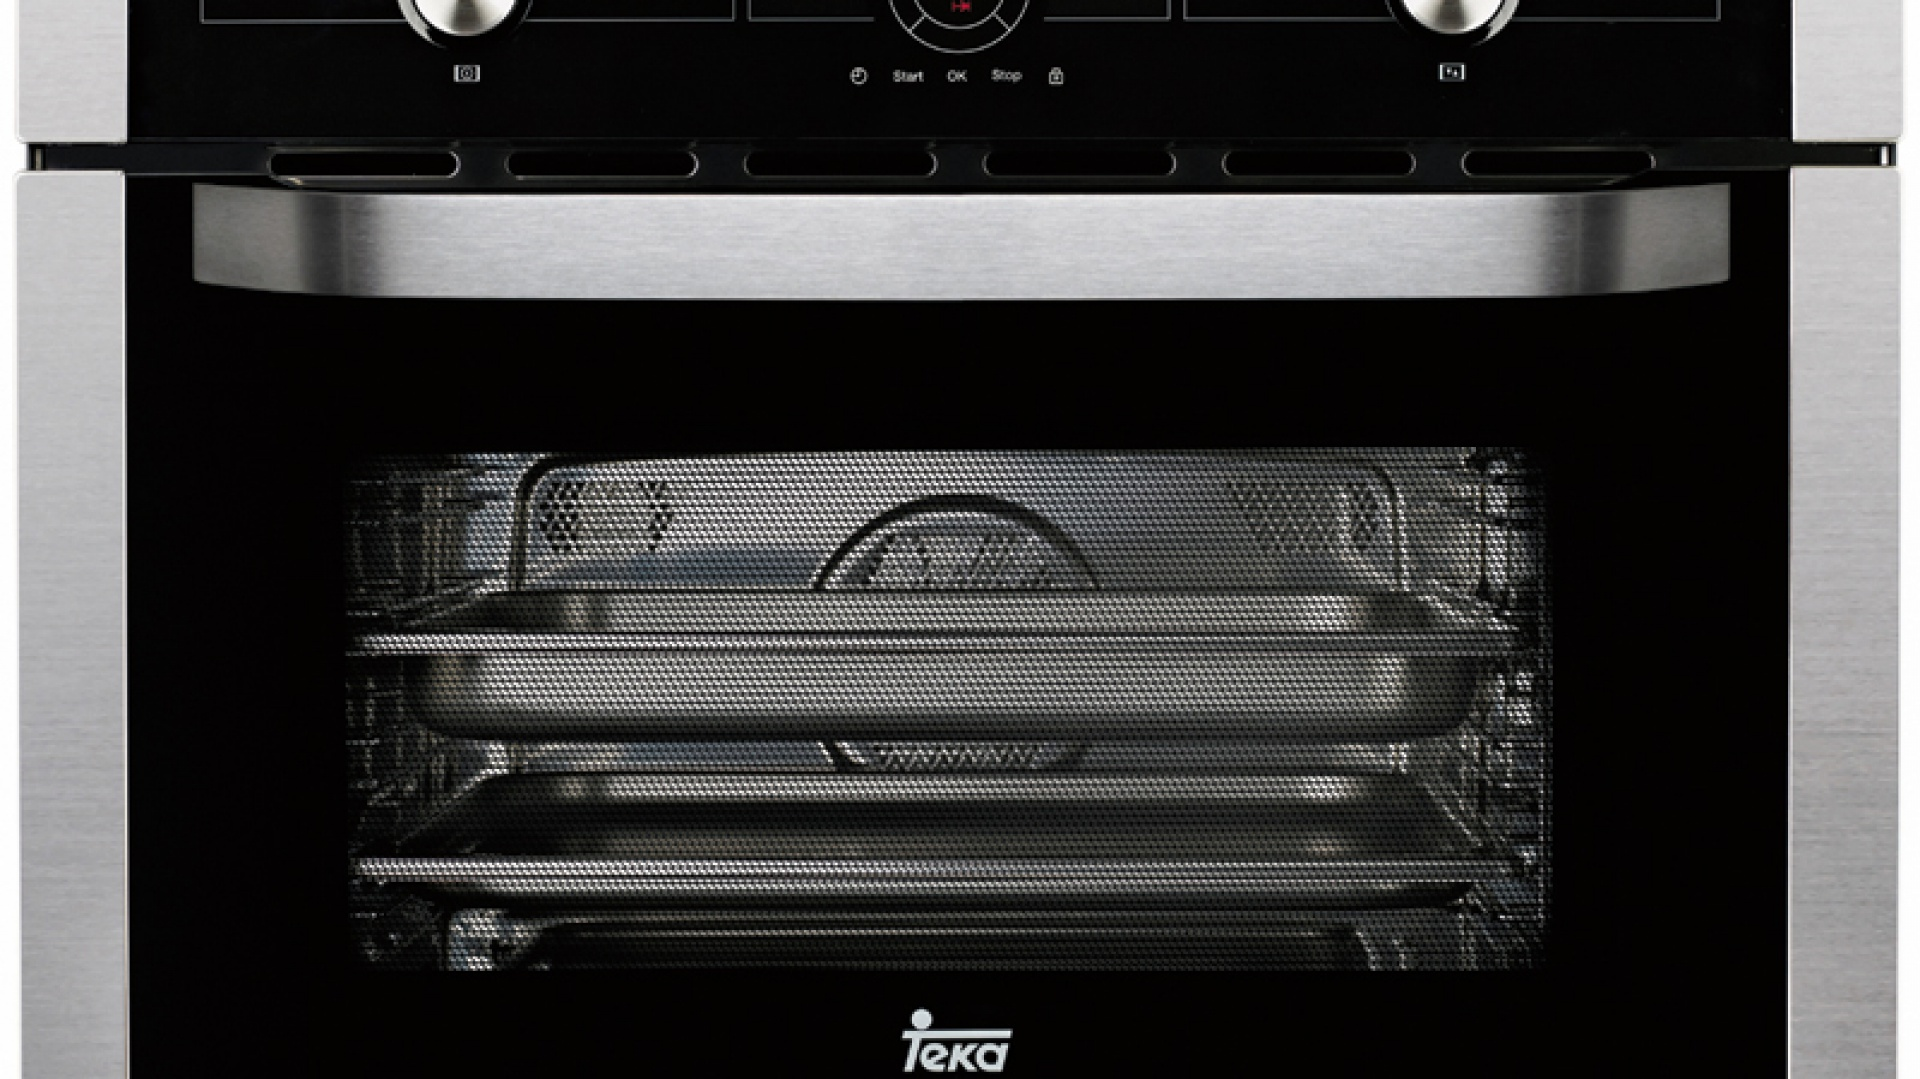 Piekarnik kompaktowy konwekcyjno-parowy HKL 970 SC to sposób na szybsze pieczenie przy zachowaniu w potrawach większej ilości składników odżywczych i wilgoci. Cena: ok. 3.499 zł, Teka.